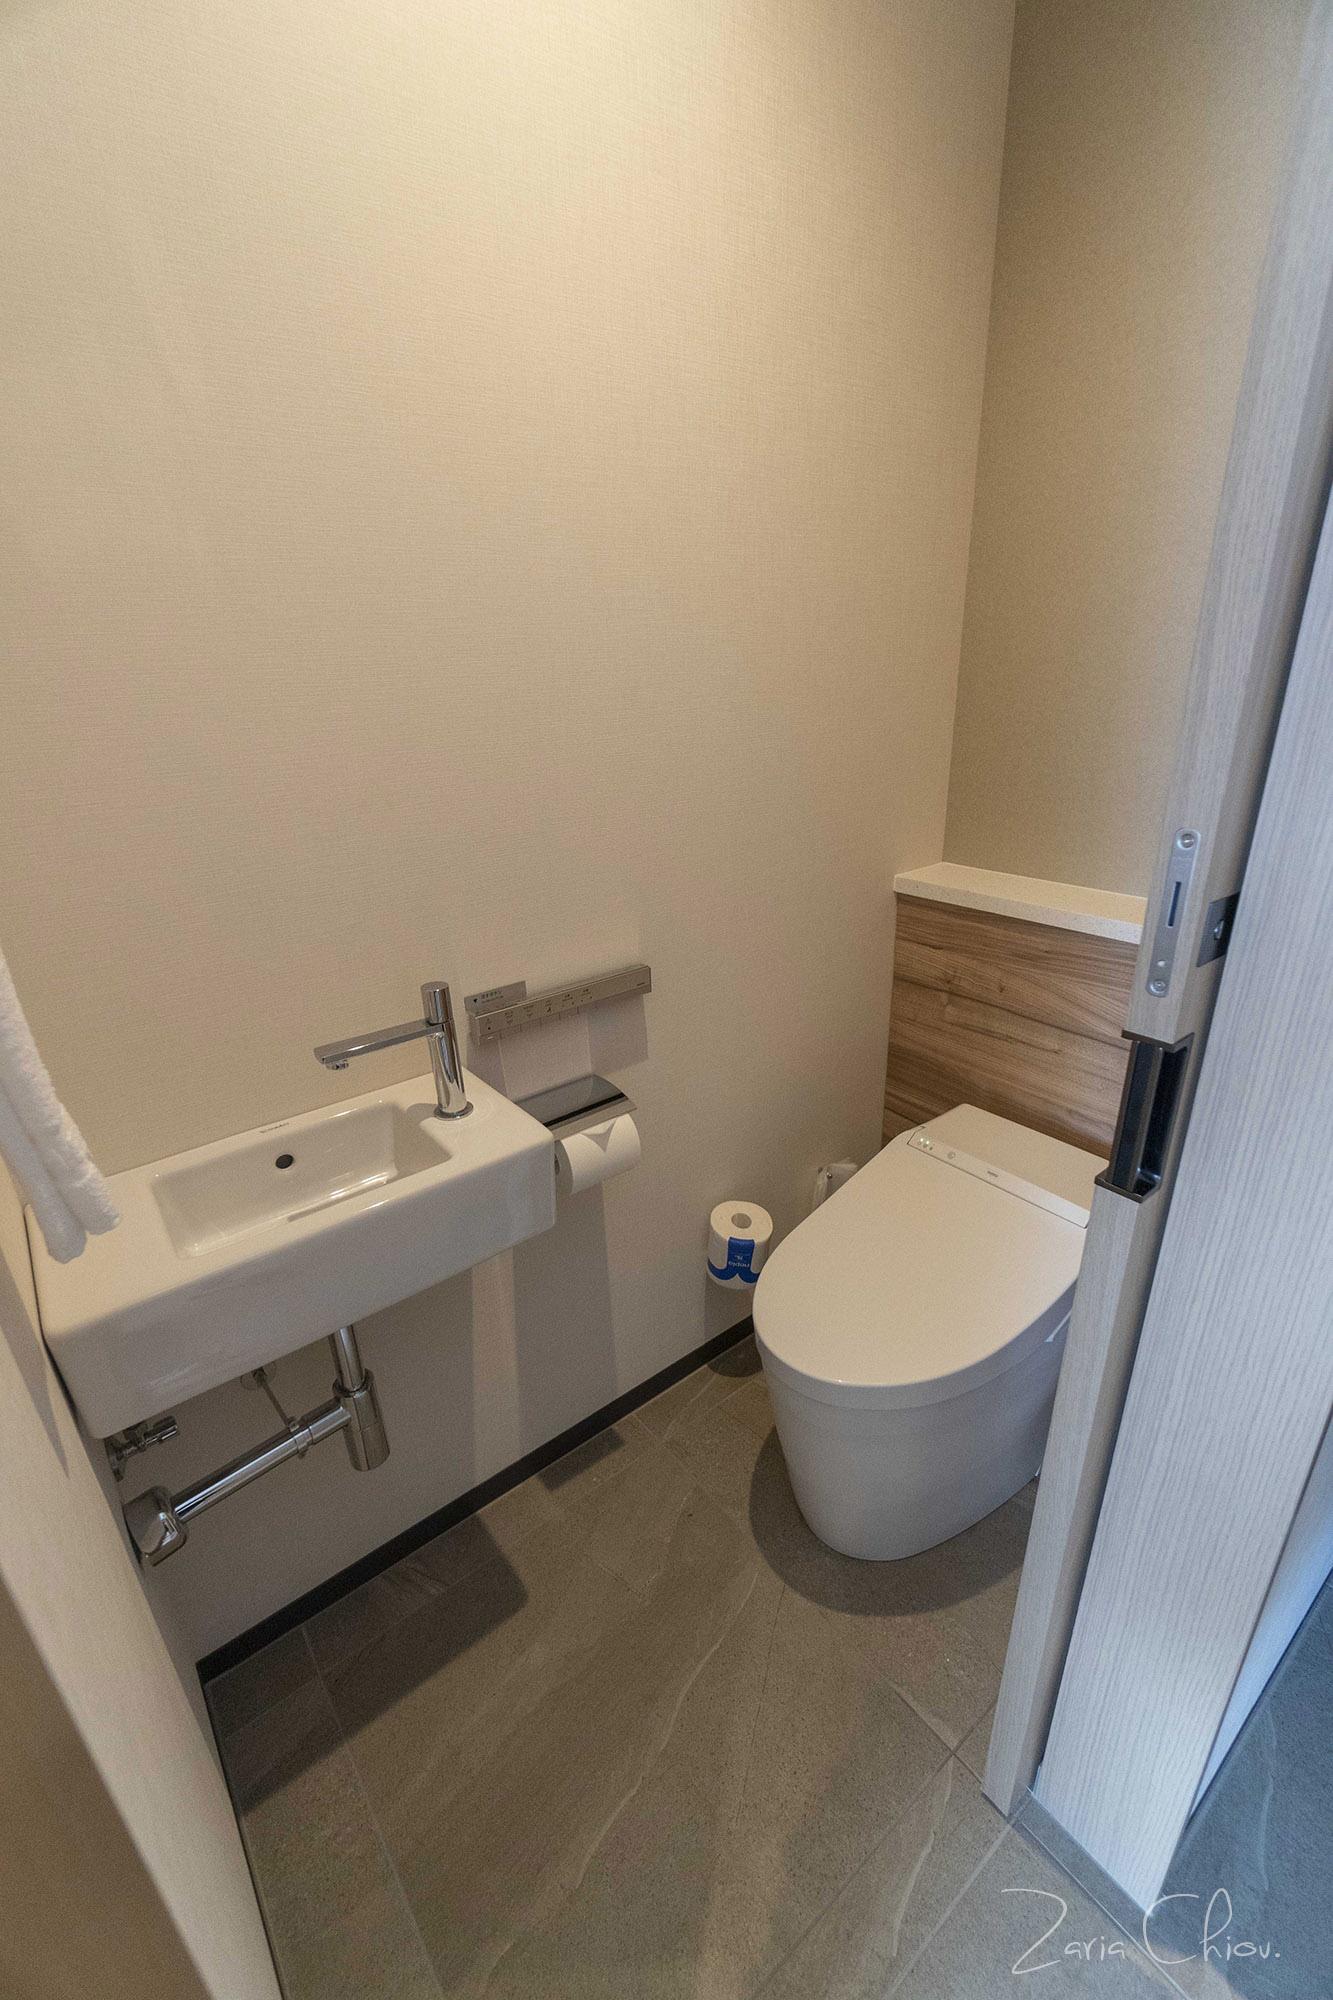 BLOSSOM HIBIYA_Toilet